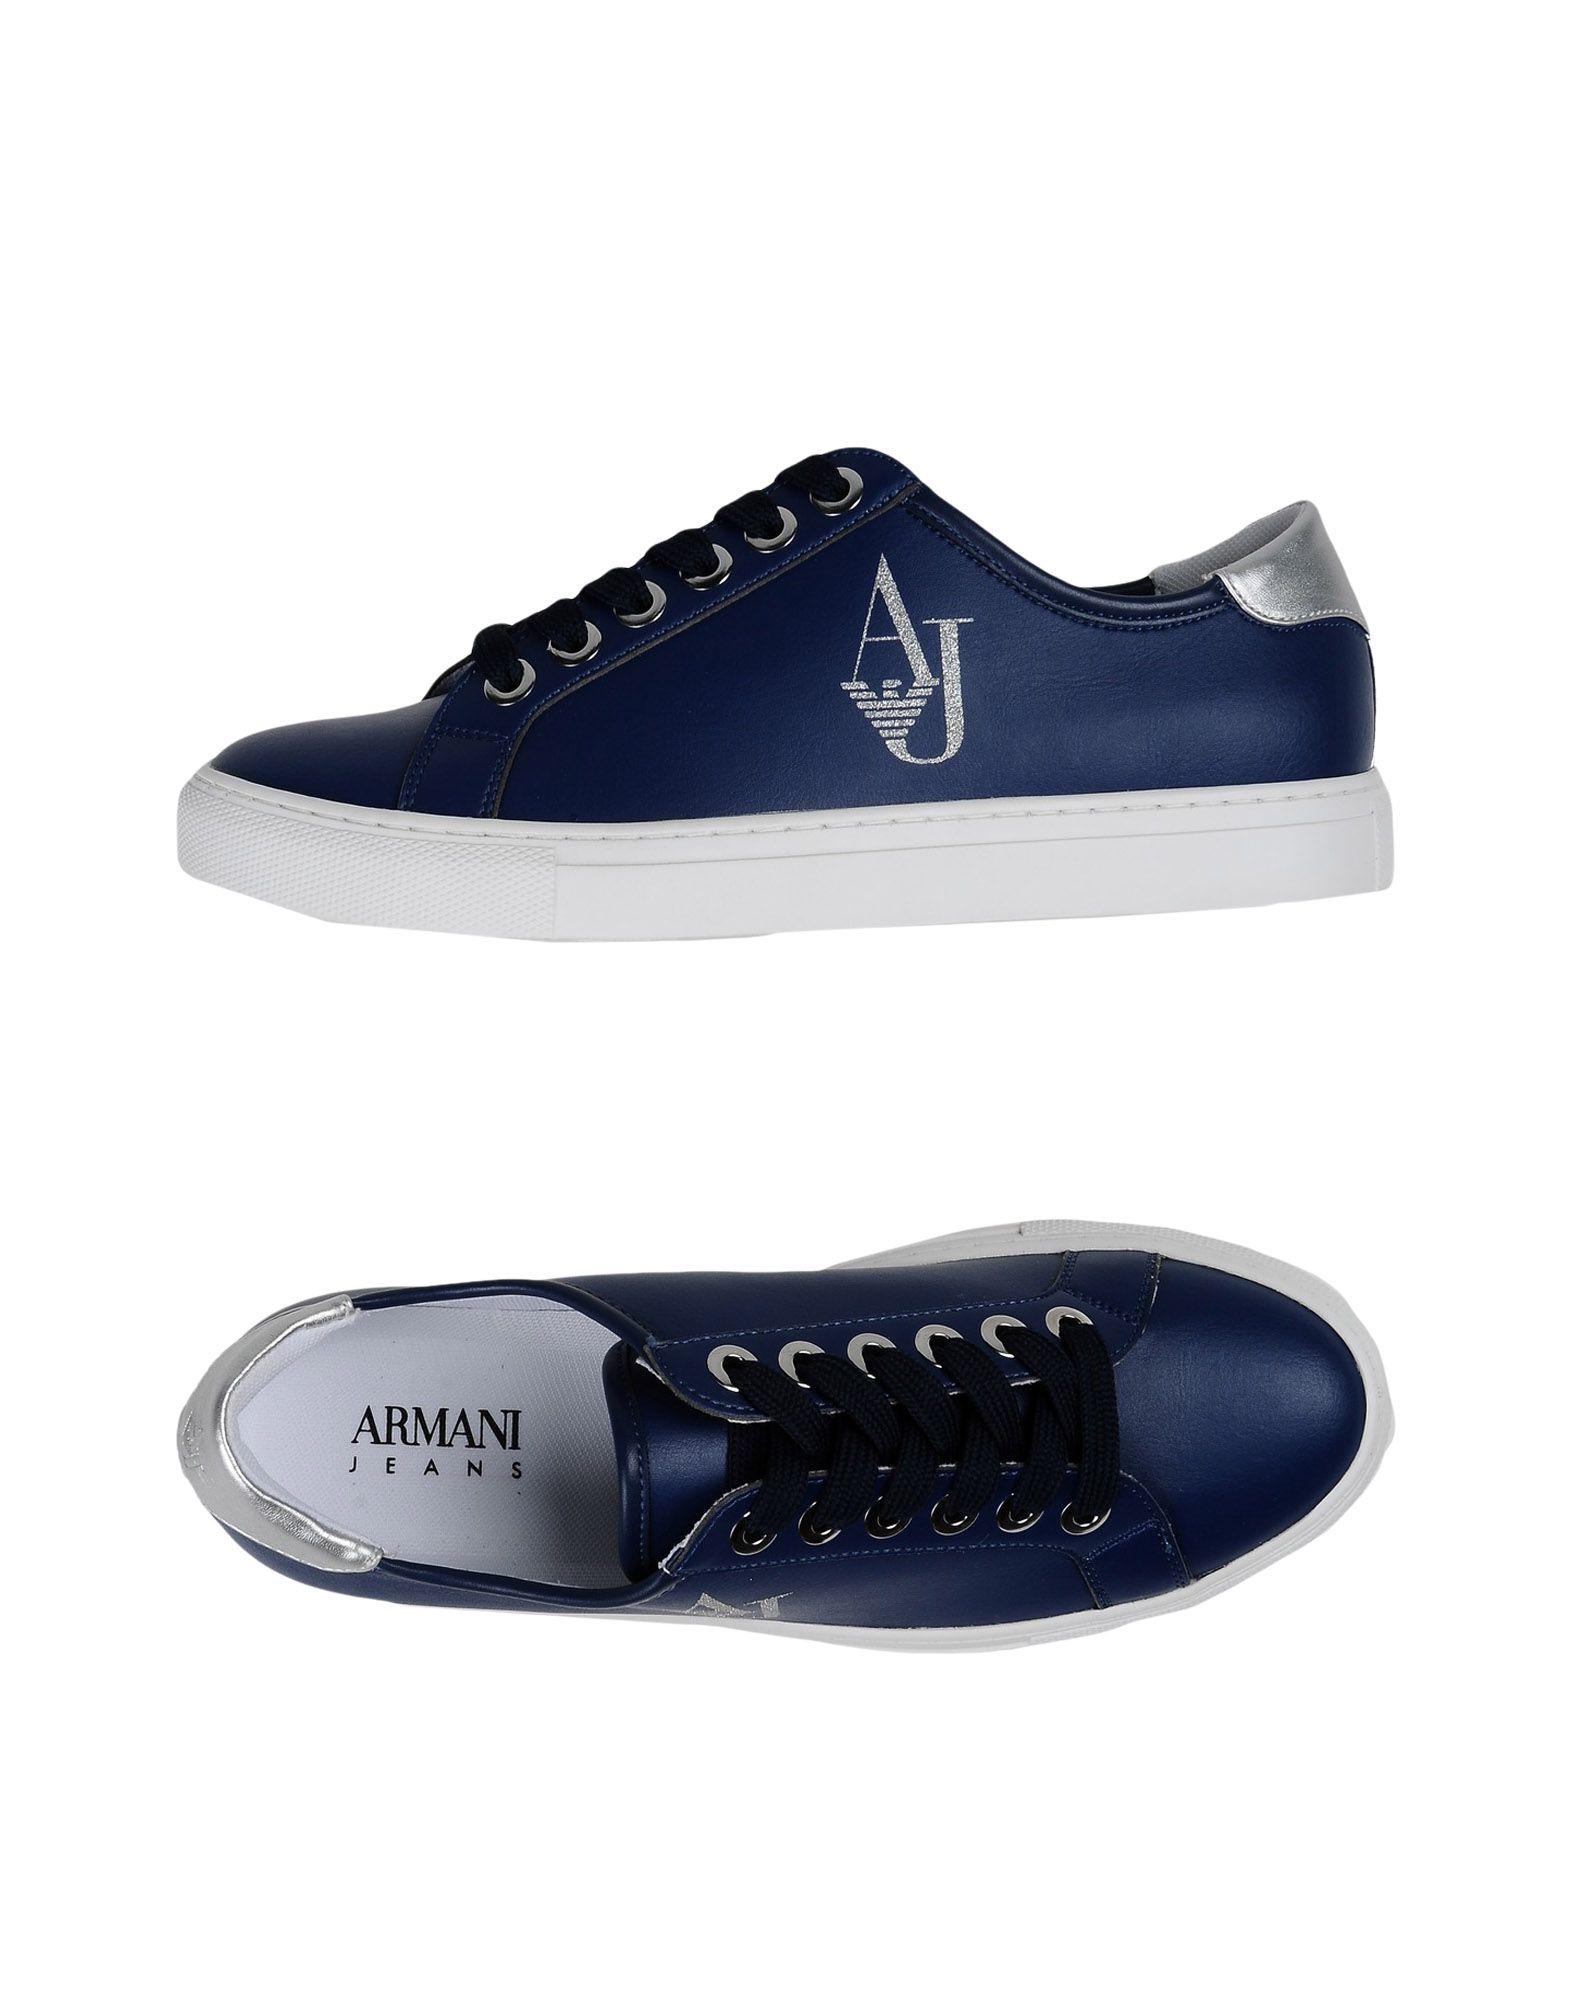 ARMANI JEANS Низкие кеды и кроссовки кроссовки armani jeans 925309 7a676 00020